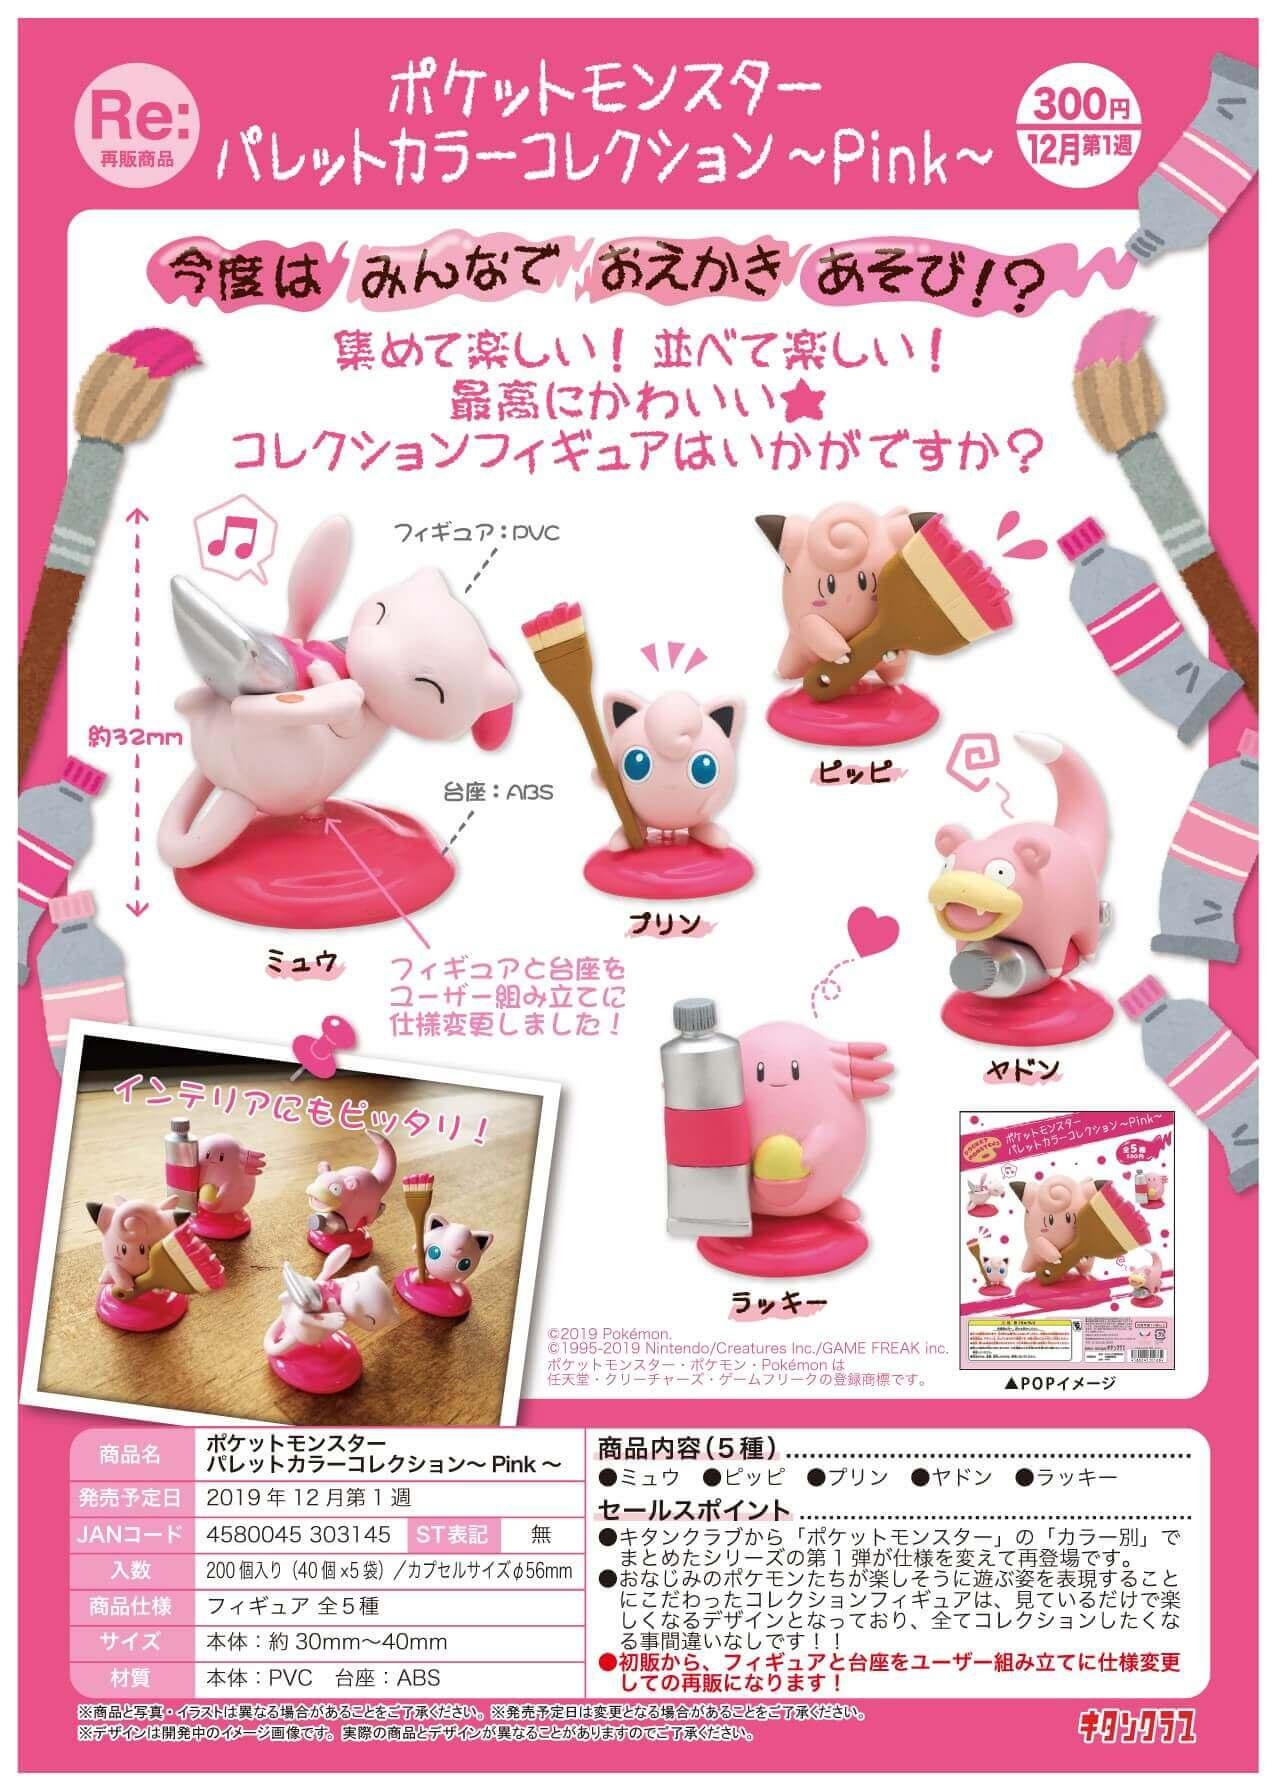 ポケットモンスター パレットカラーコレクション~Pink~(50個入り)